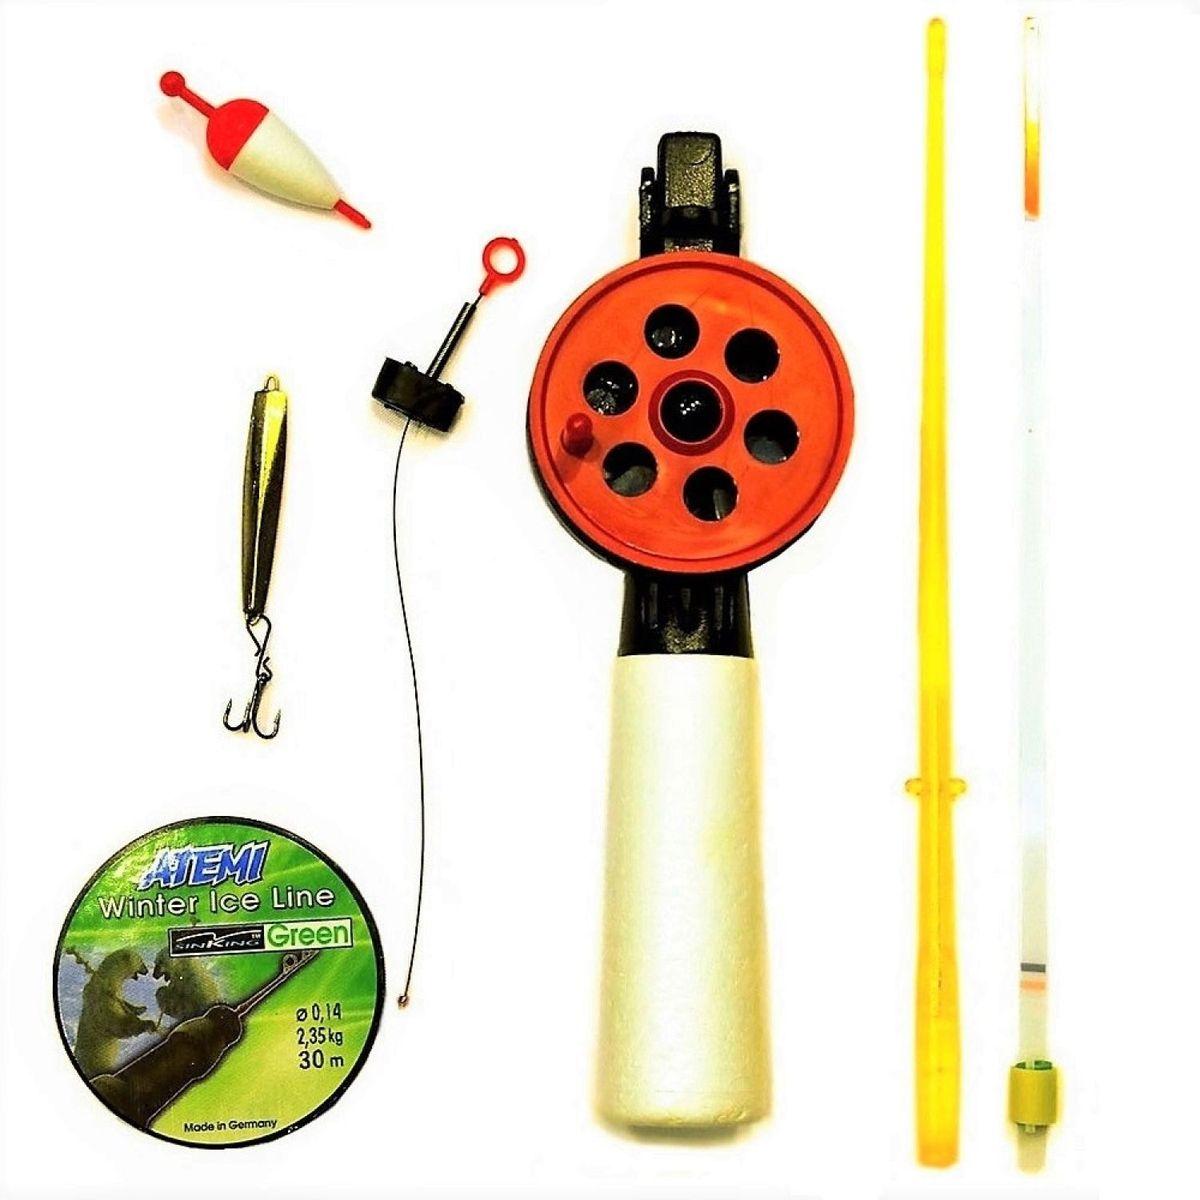 Набор для зимней рыбалки Аляска Любительский, 7 предметов сигнализатор поклевки hoxwell hl57 с пейджером